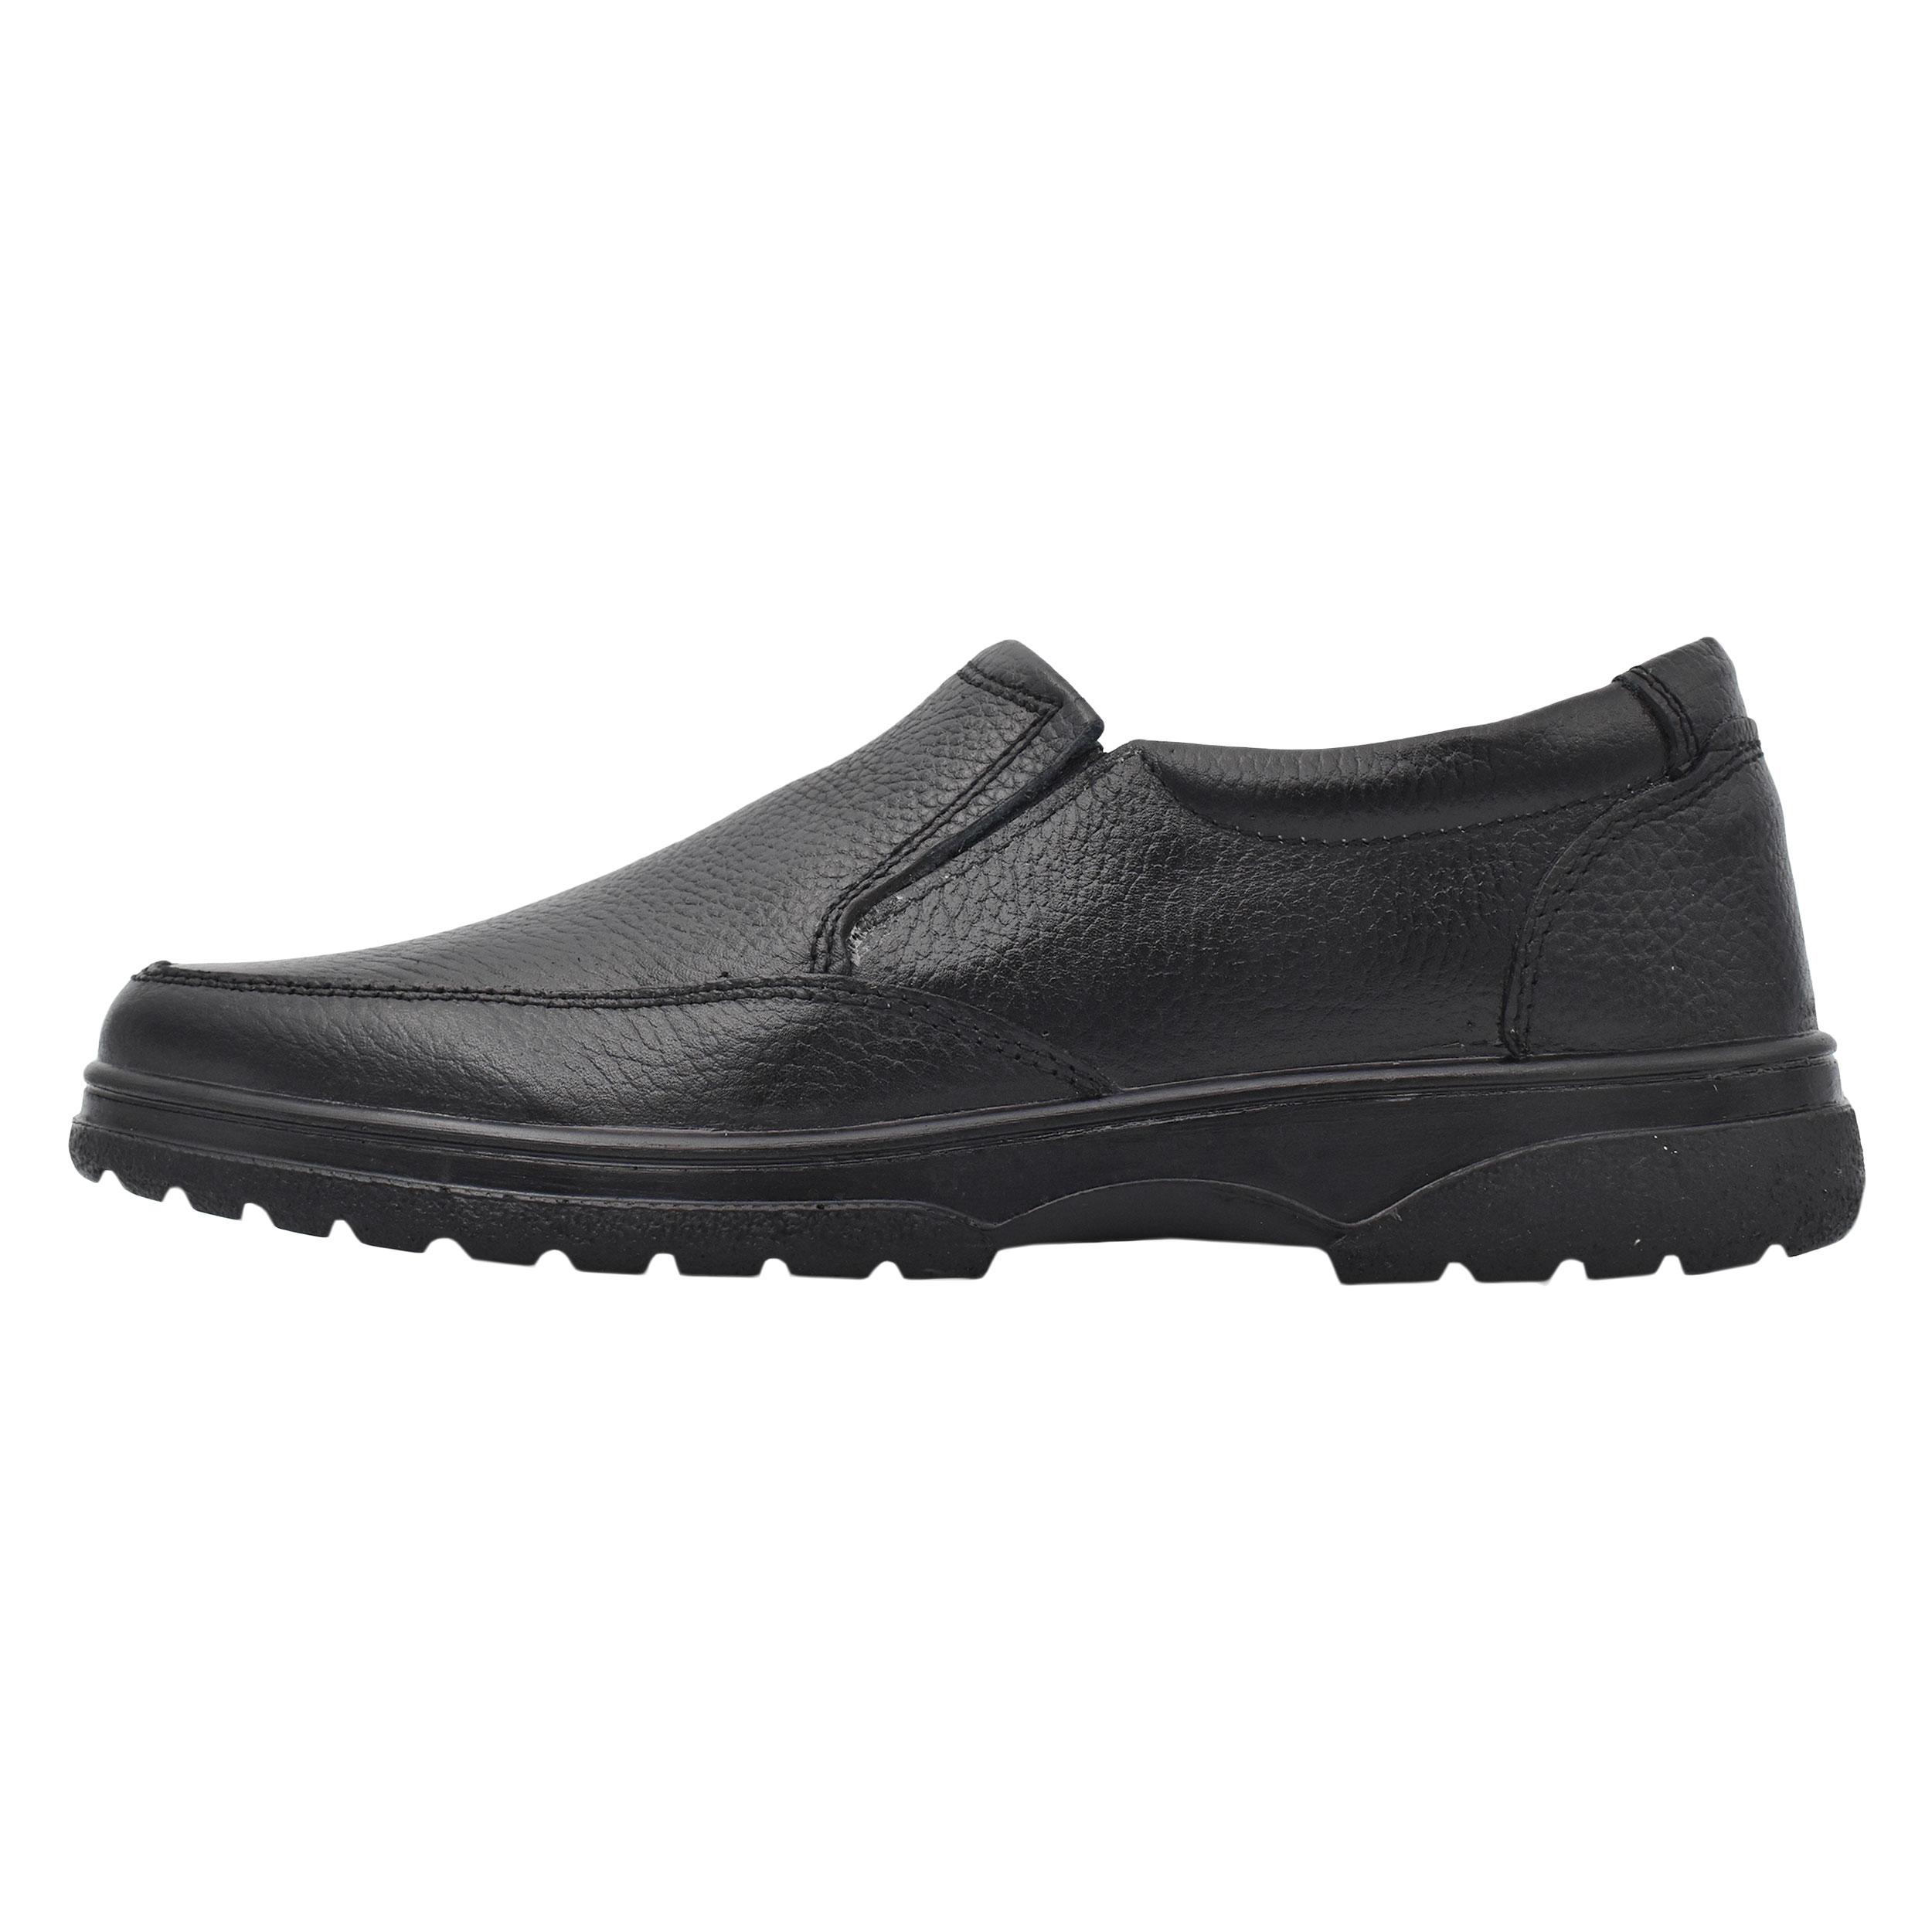 کفش روزمره مردانه پاما مدل JRD کد G1185